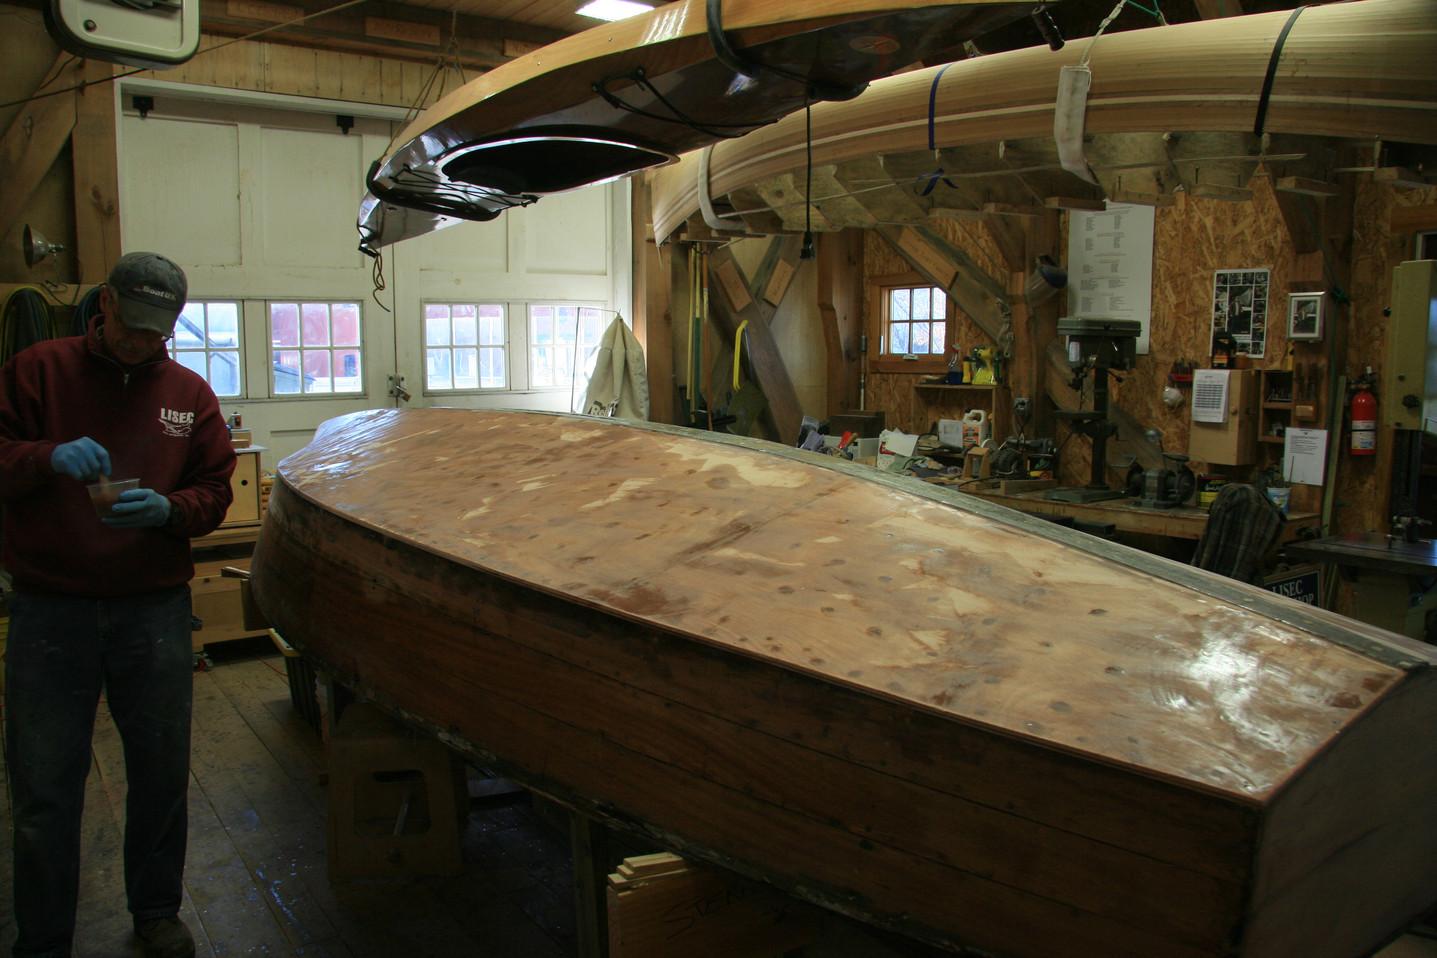 Prepping hull for fiberglassing